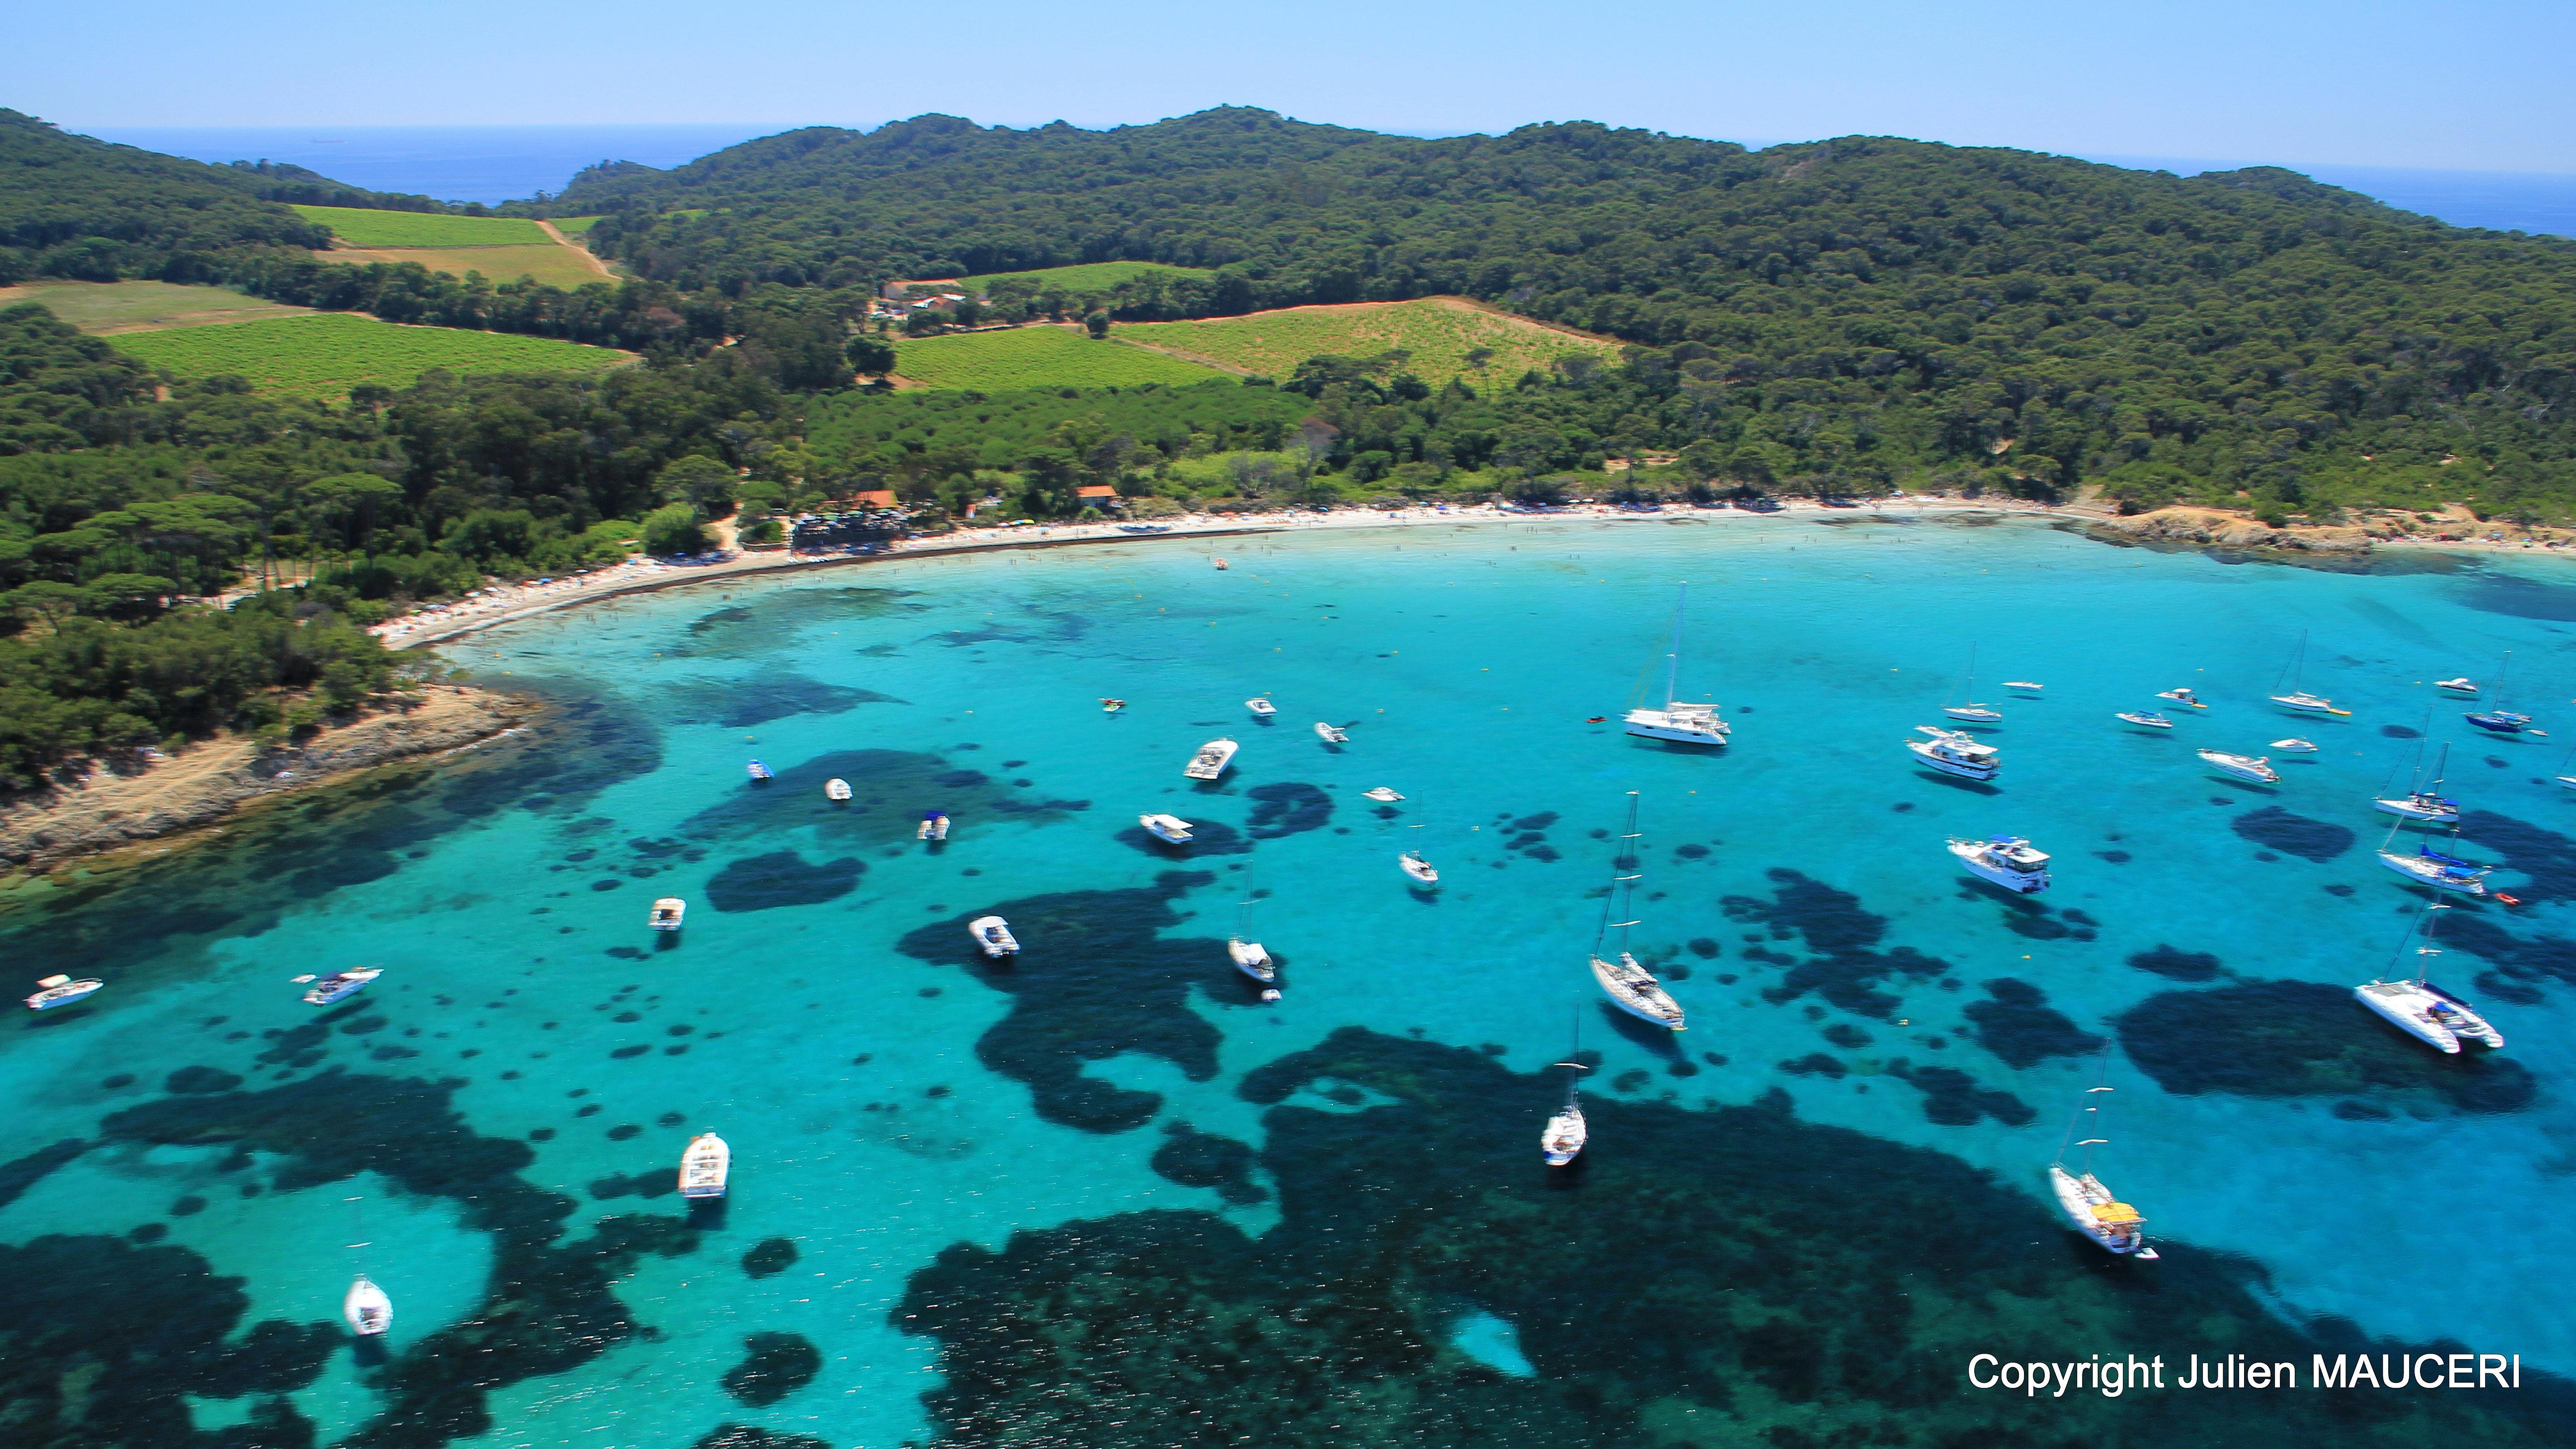 Bateliers De La Rade Visite Rade De Toulon Porquerolles Port Cros Ile De Porquerolles